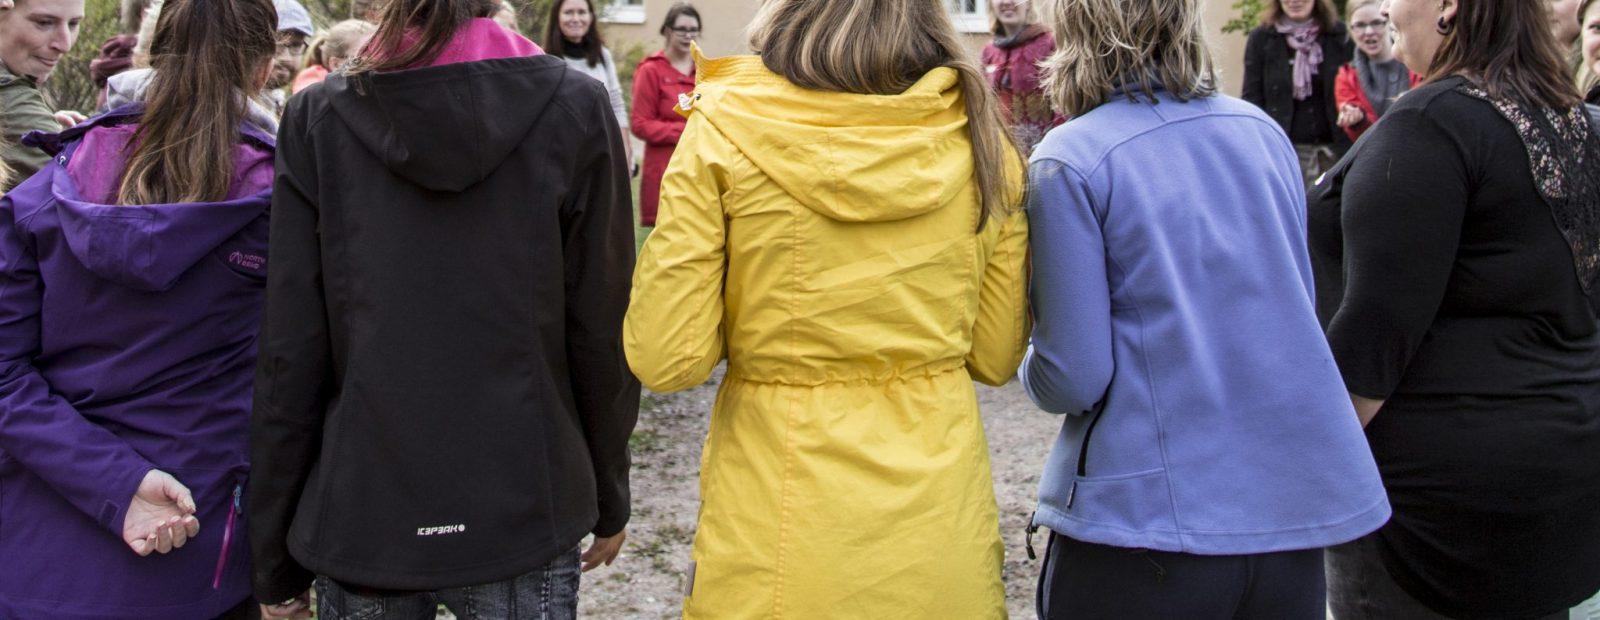 Ihmisiä selkäpäin kameraan päin, leikkivät piirileikkiä.